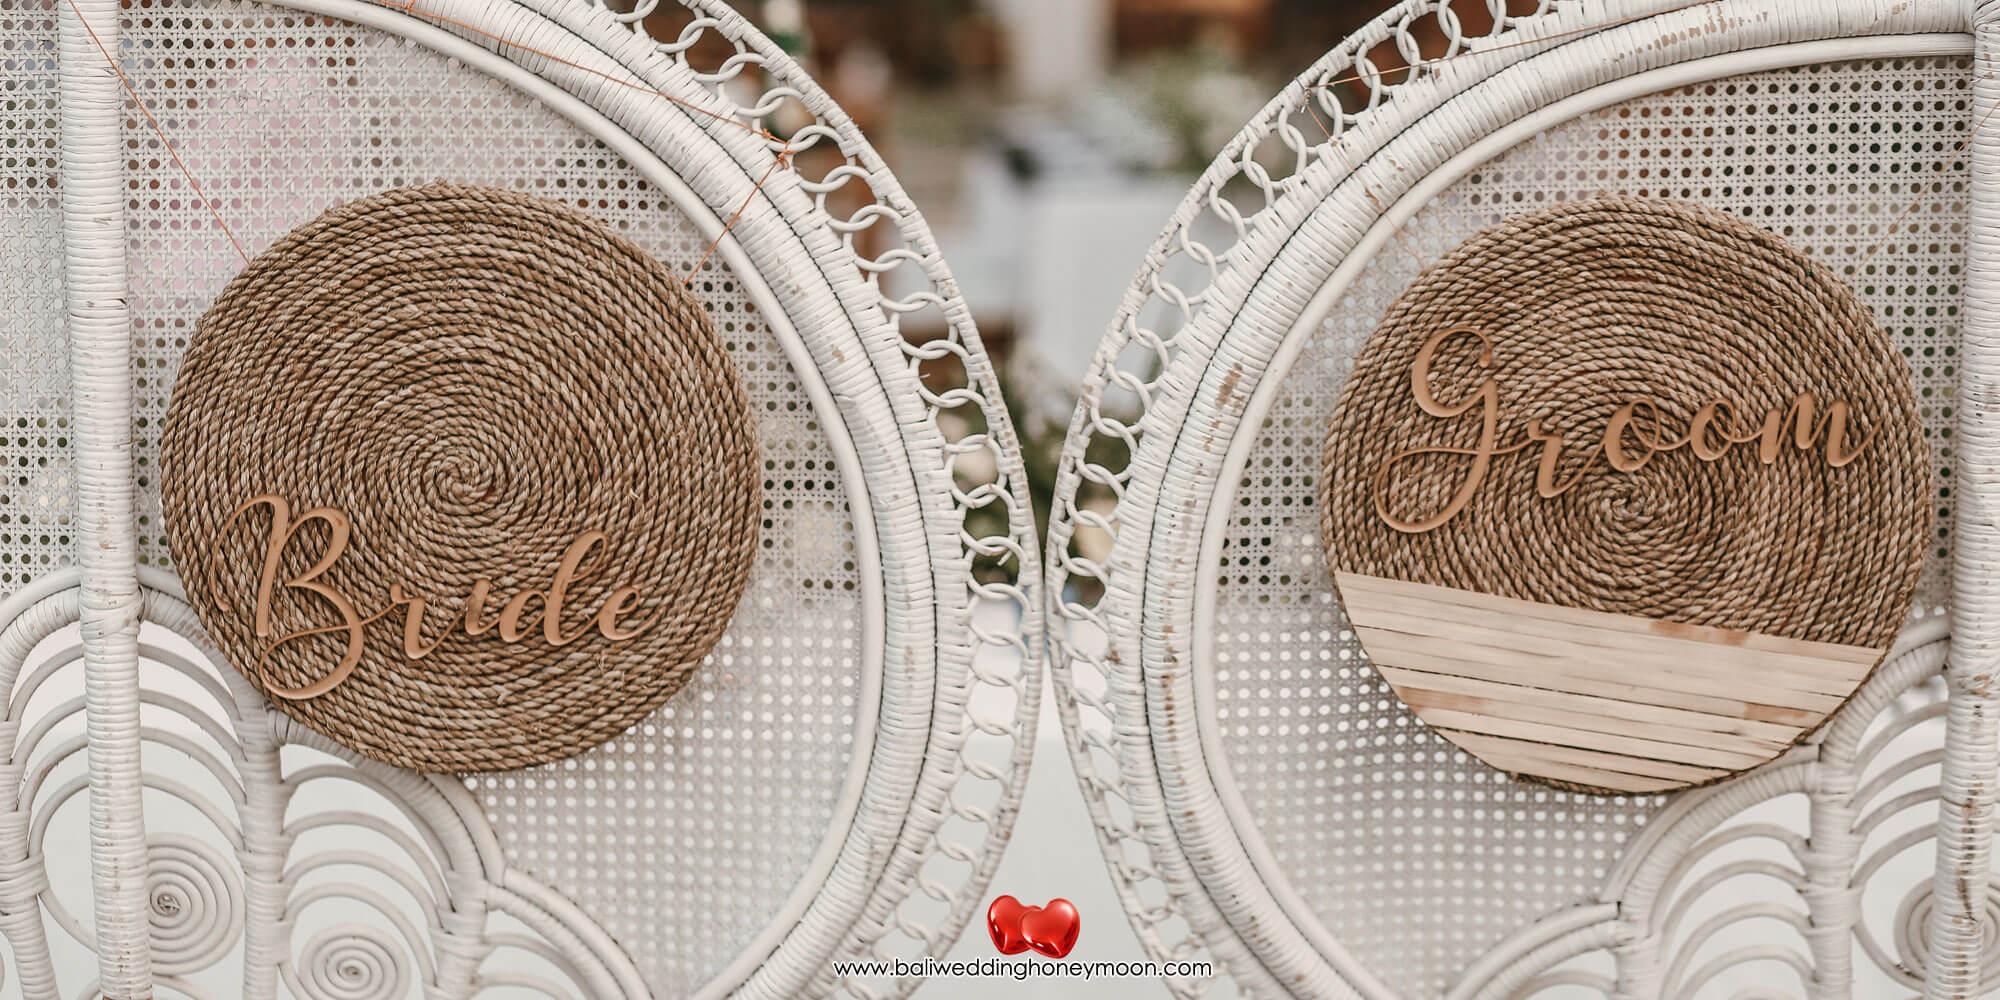 weddingvenuebali-gardenbaliwedding-baliweddinghoneymoon-baliweddingorganizer-baliweddingplanner-baliweddingpackage-holidayinbarunabali4